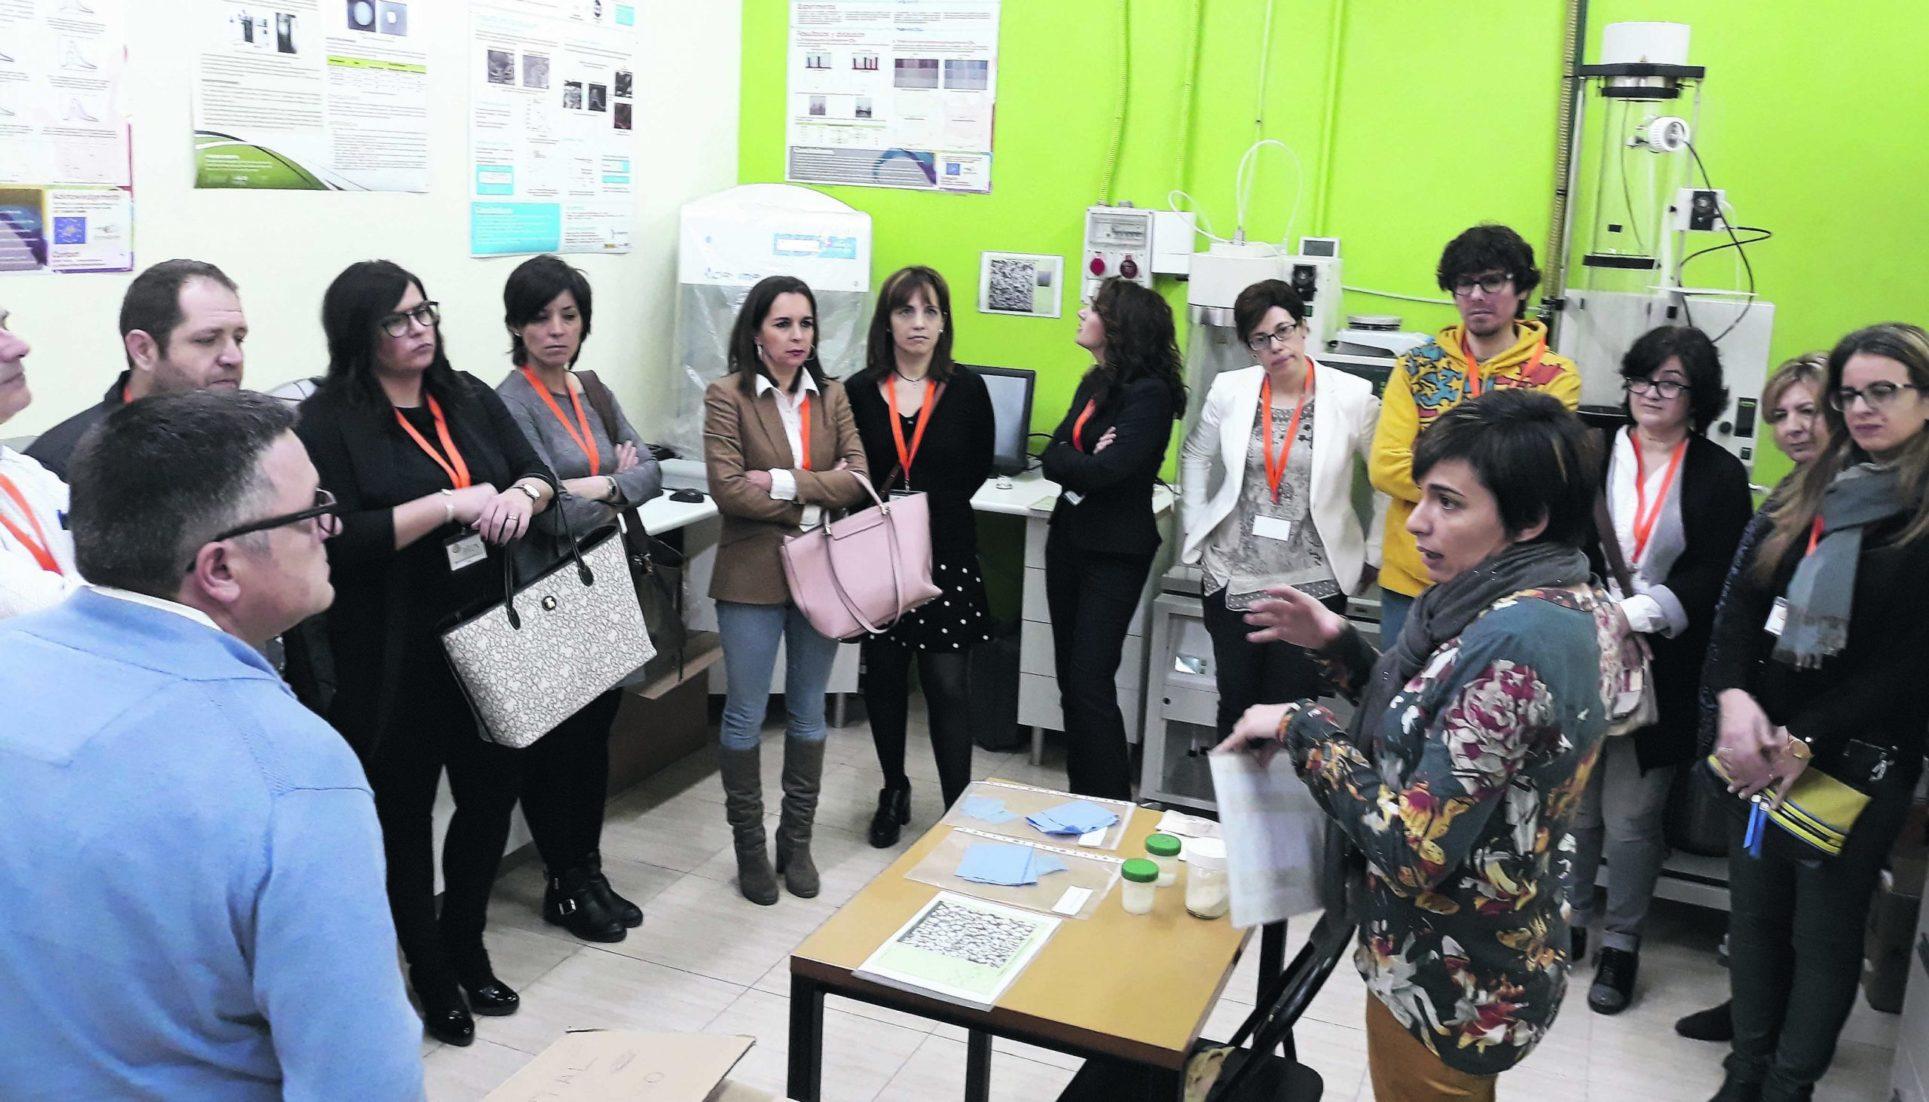 El sector textil se presenta como una oportunidad para los jóvenes El Periòdic d'Ontinyent - Noticies a Ontinyent